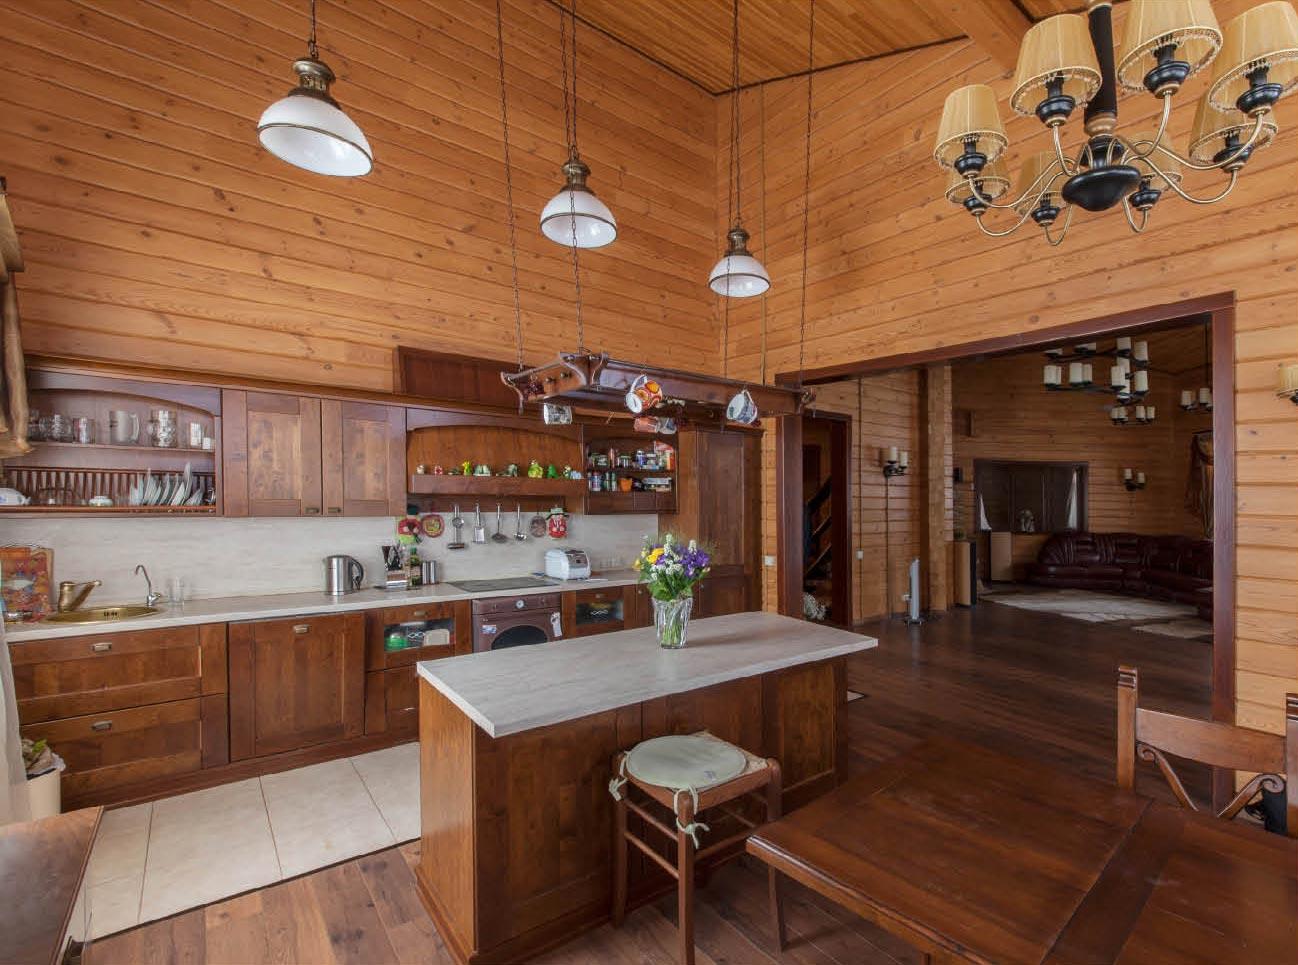 Отделка кухни вагонкой: идеи дизайна